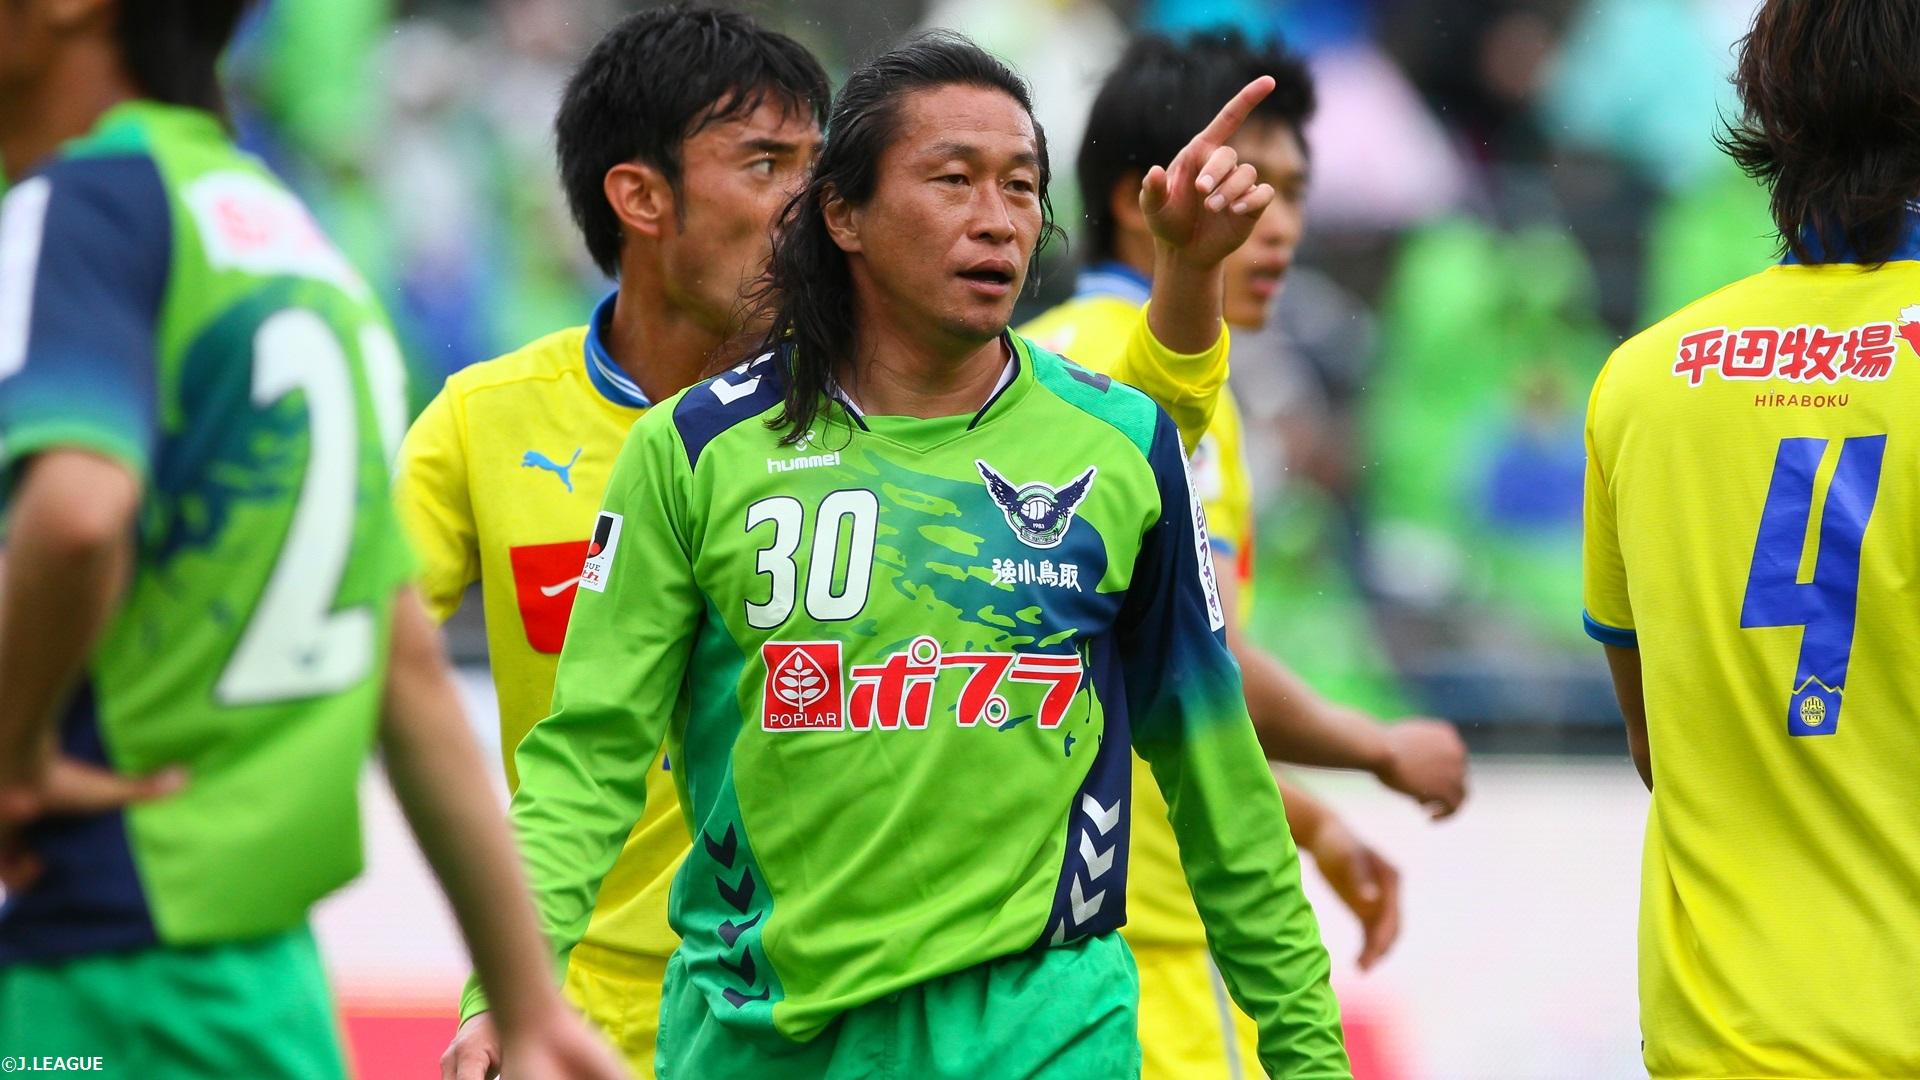 岡野雅行 (サッカー選手)の画像 p1_34